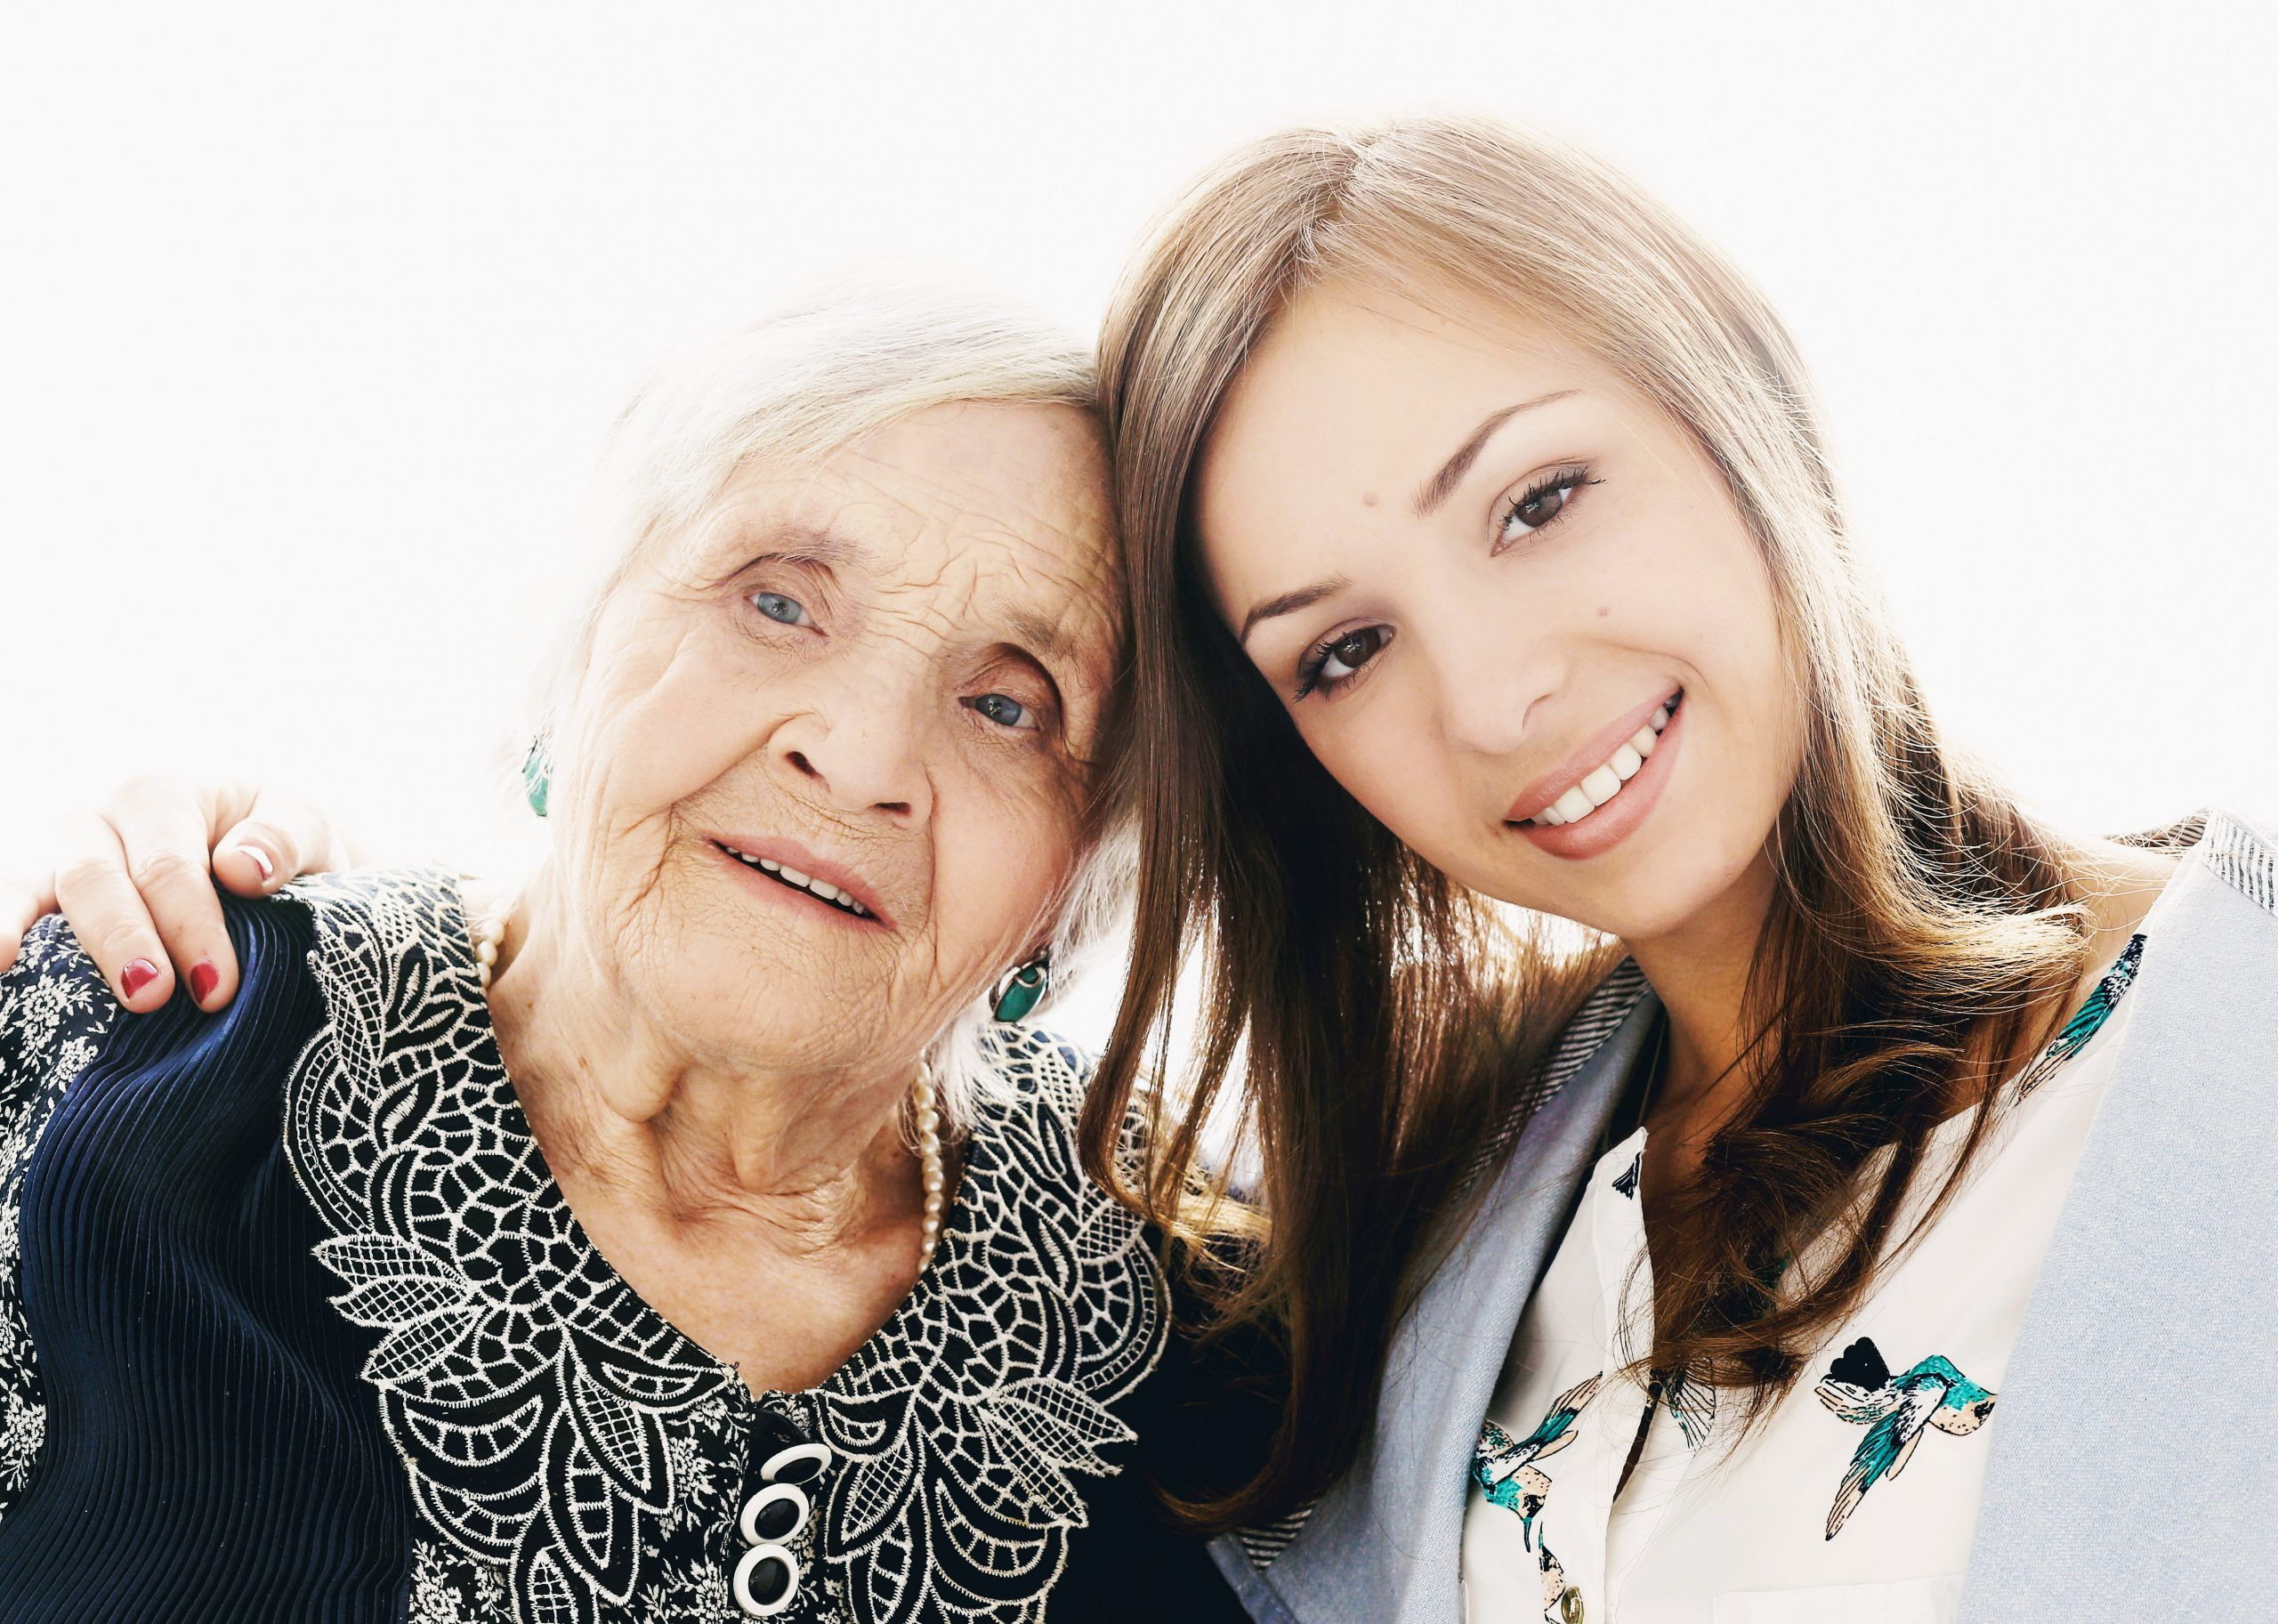 Edadismo discriminación por cuestión de edad